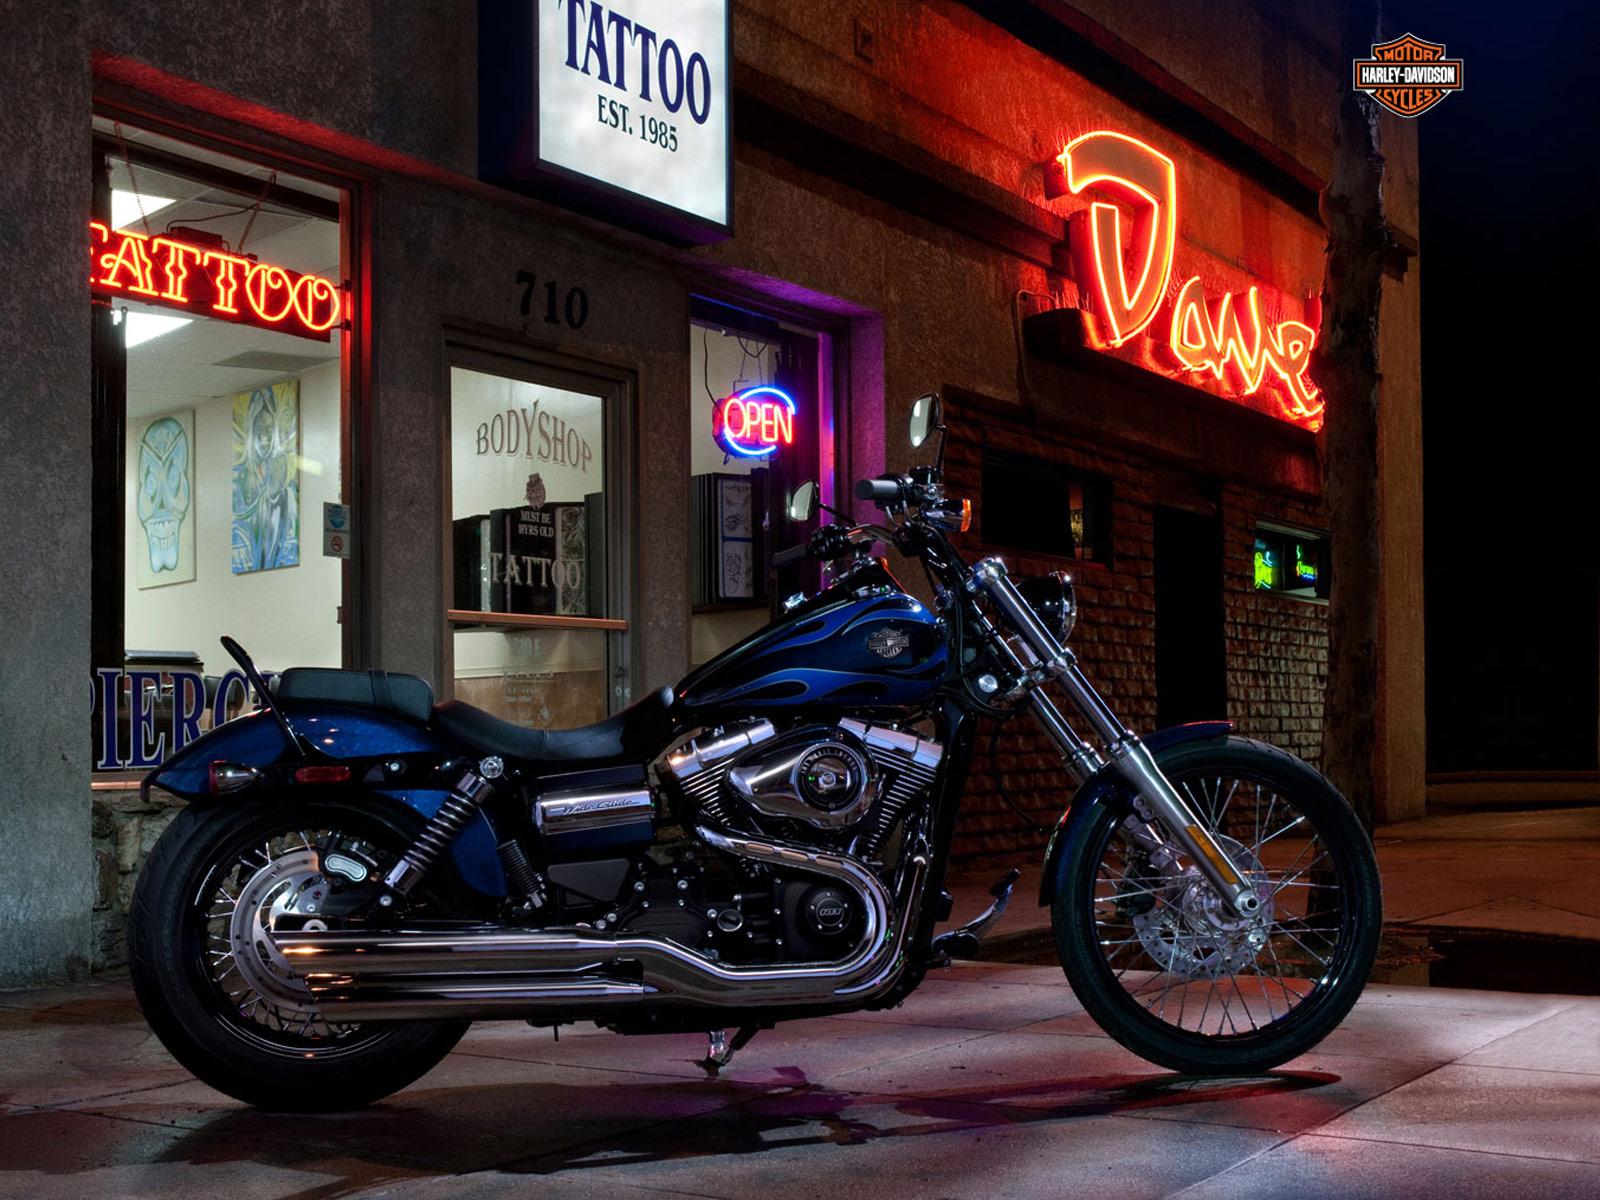 2012 HarleyDavidson FXDWG Dyna Wide Glide insurance